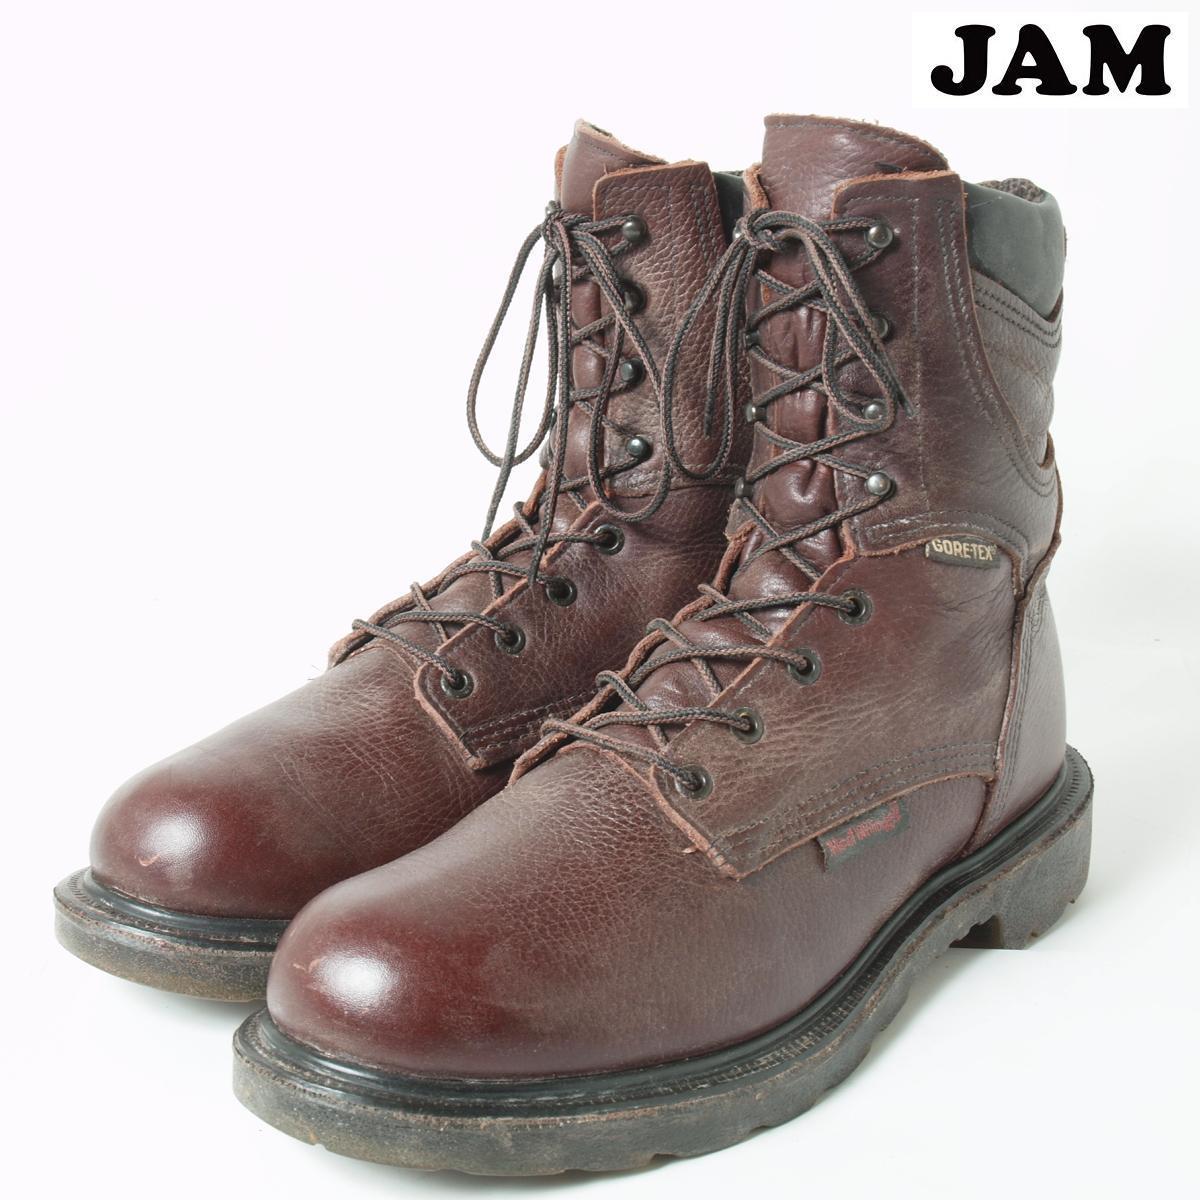 VINTAGE CLOTHING JAM TRADING | Rakuten Global Market: 914 Red Wing ...